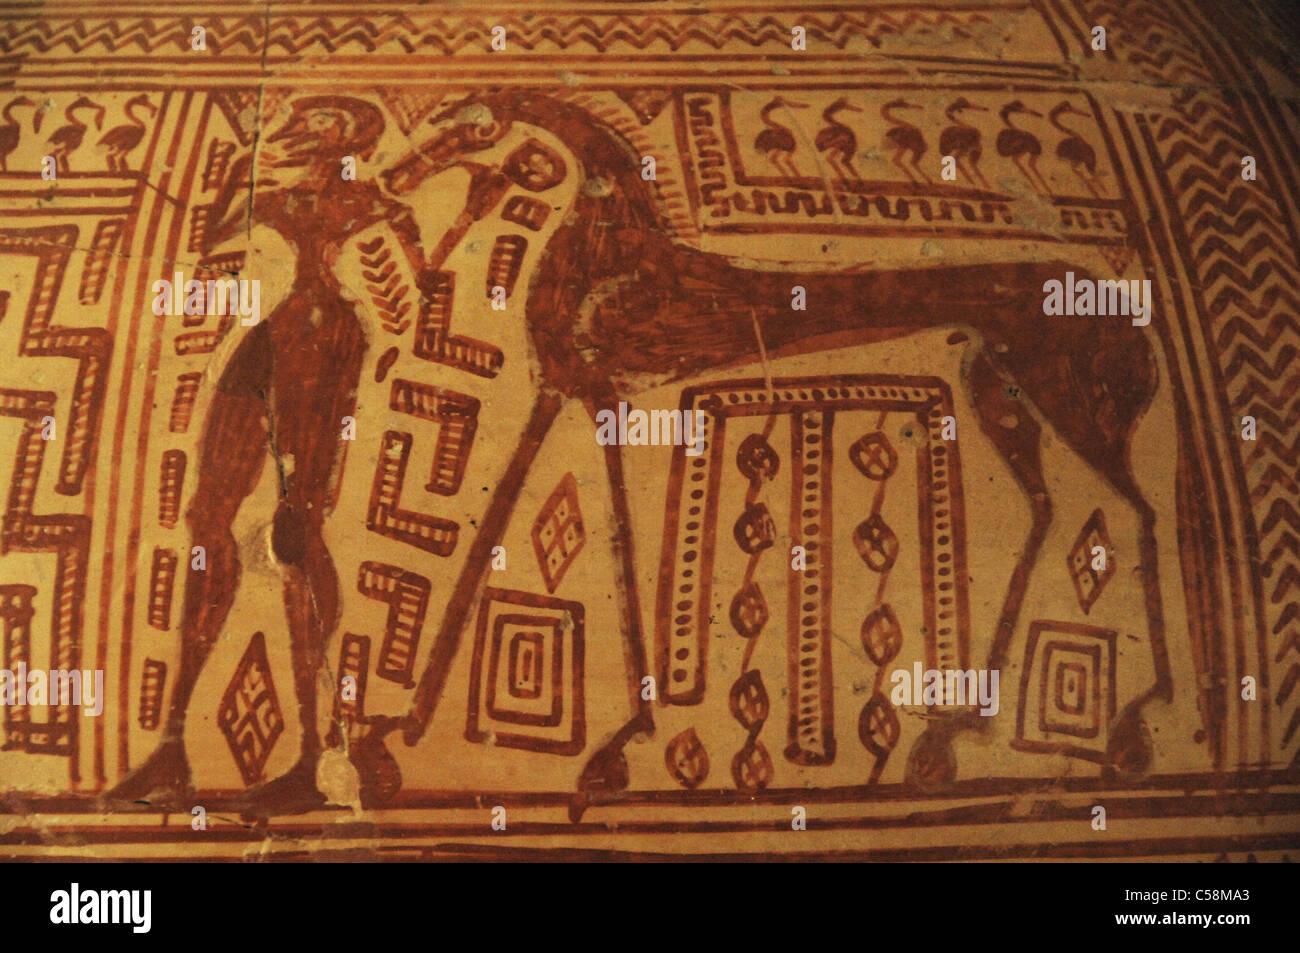 Crater con decorazione geometrica. Dettaglio. Tardo periodo geometrico. Argos Museo Archeologico. La Grecia. Immagini Stock